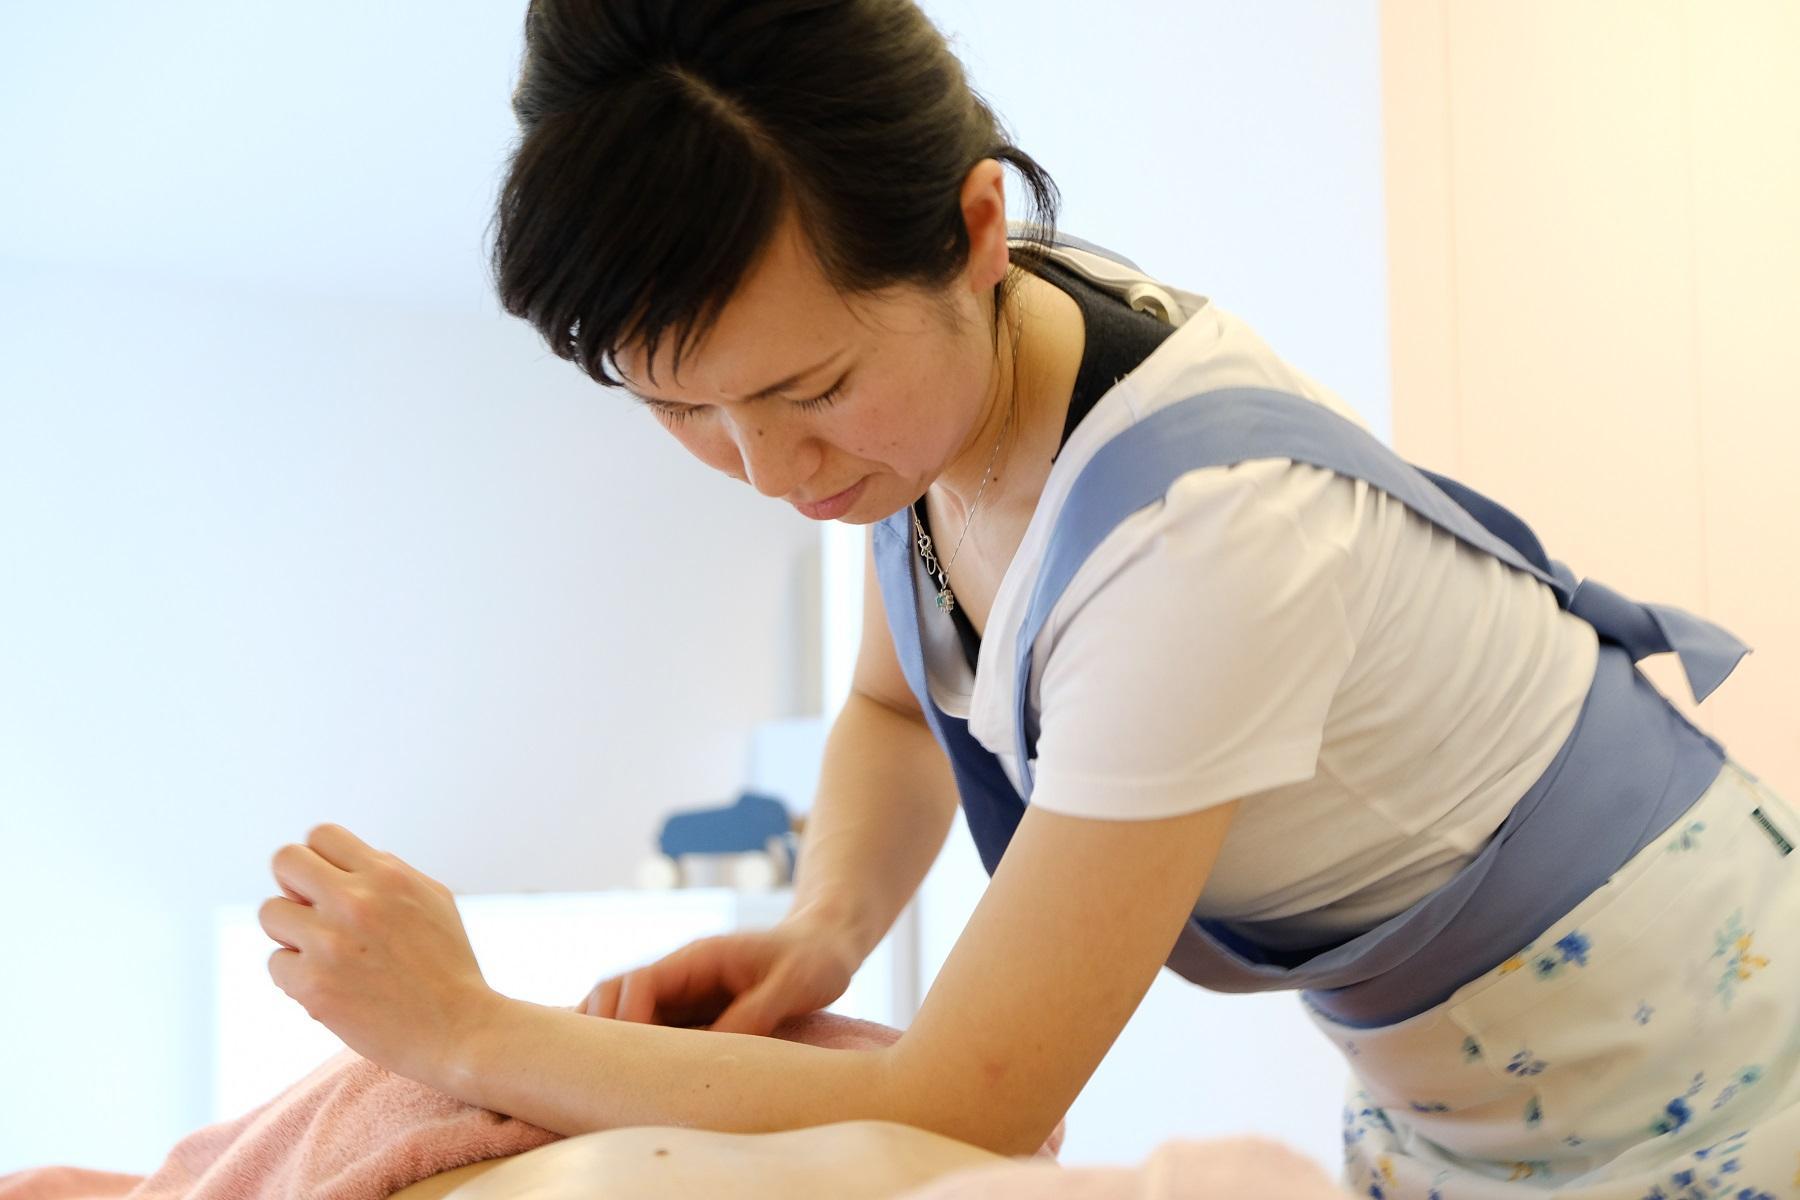 トータルケアサロンSP-RING  妊娠前から産後まで安心して長く通っていただけるサロンです。